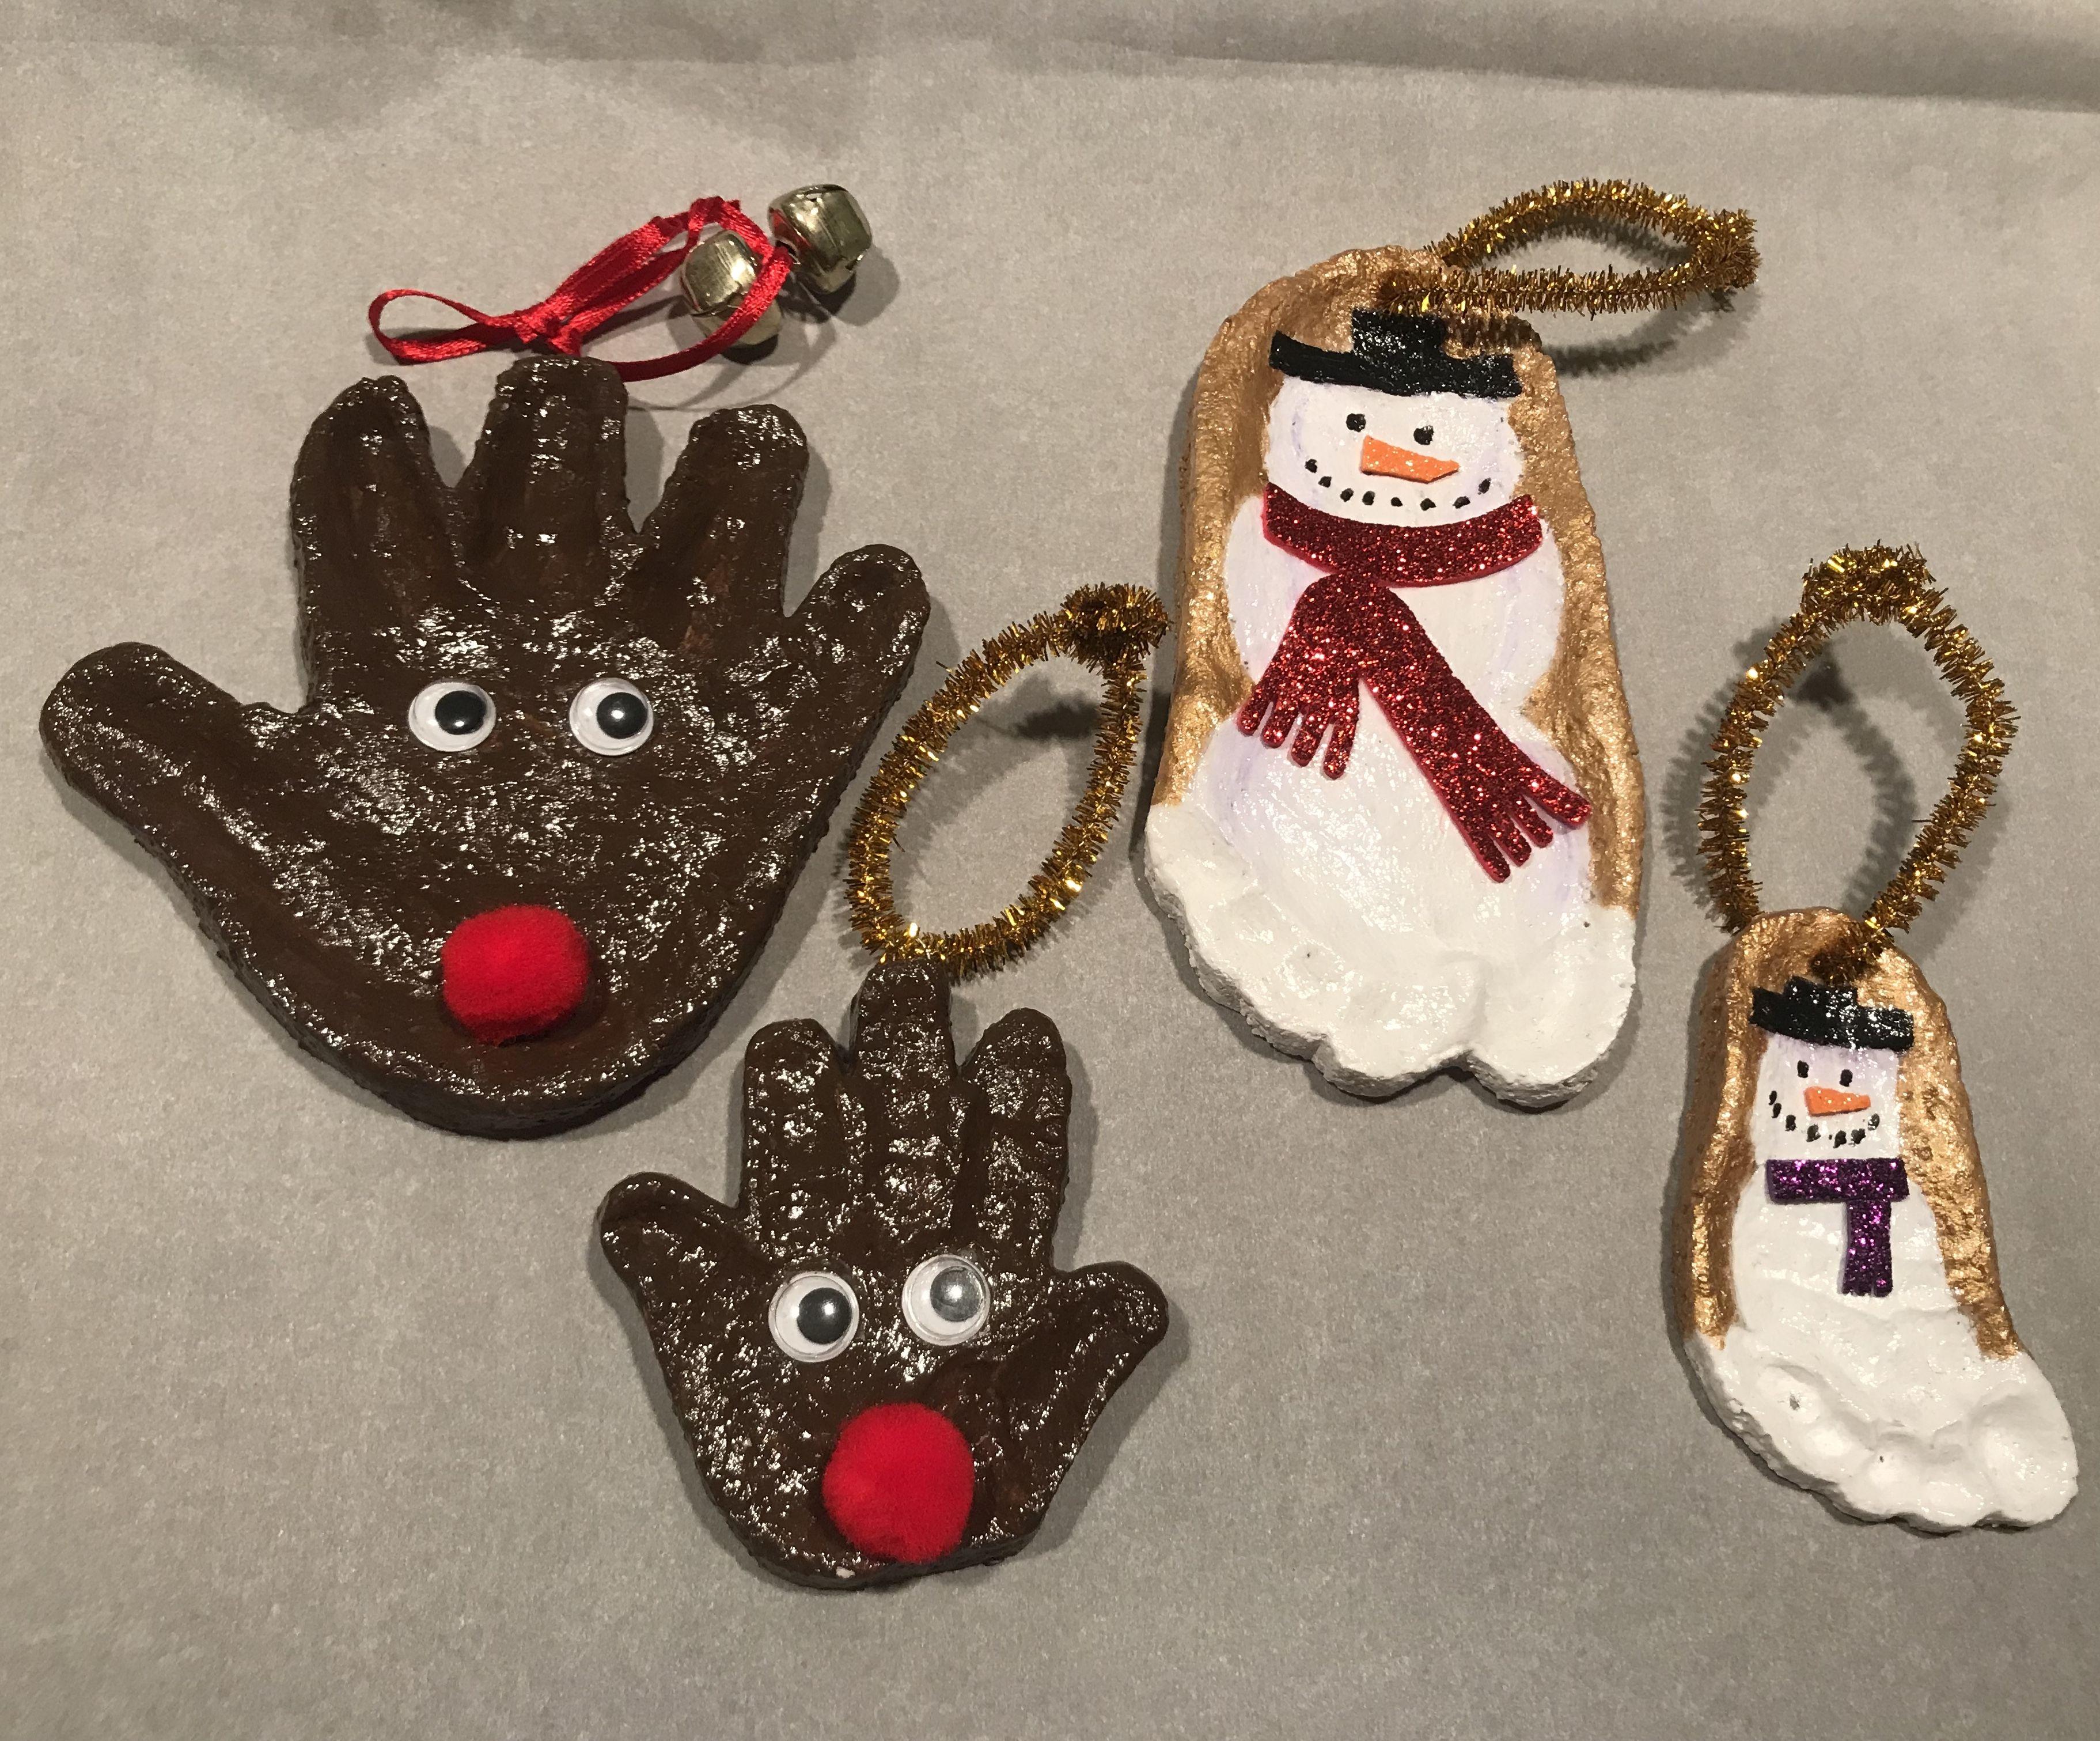 Reindeer Handprint Ornament Snowman Footprint Ornament Handprint Ornaments Kids Christmas Ornaments Reindeer Handprint